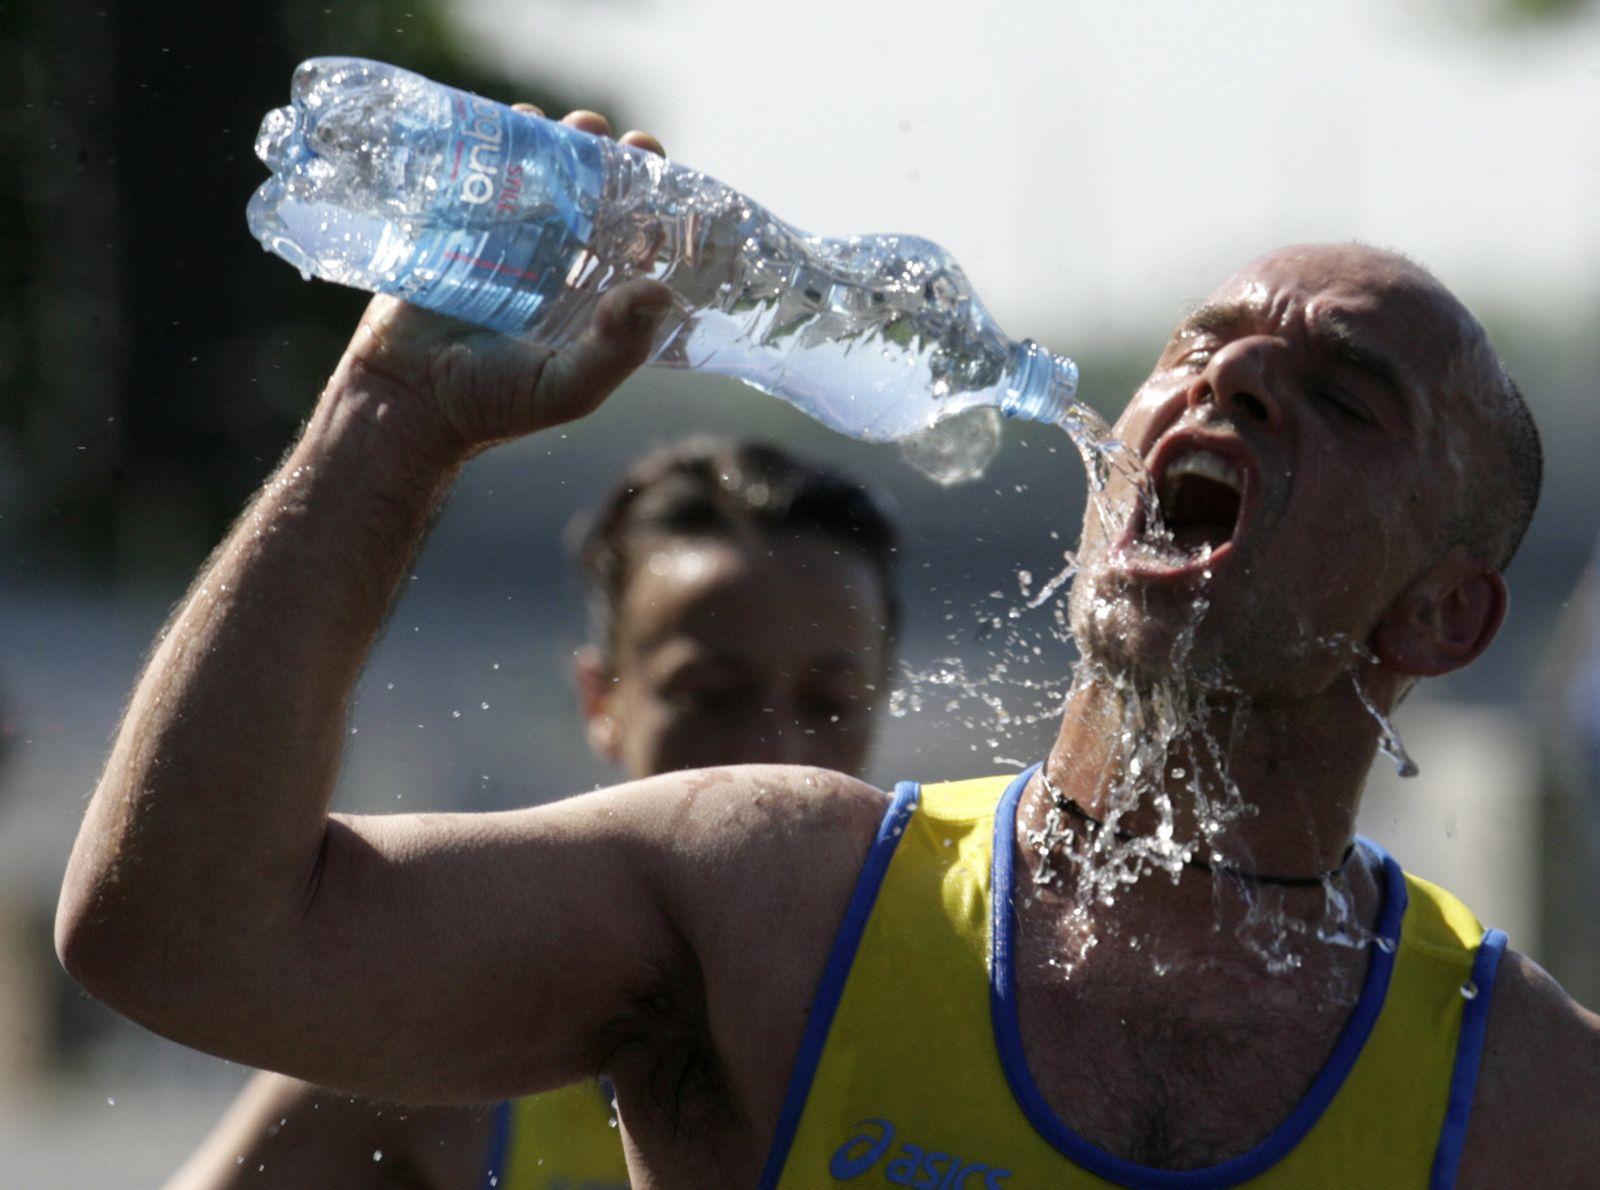 NICHT MEHR VERWENDEN! - Joggen / Marathon / Wasser